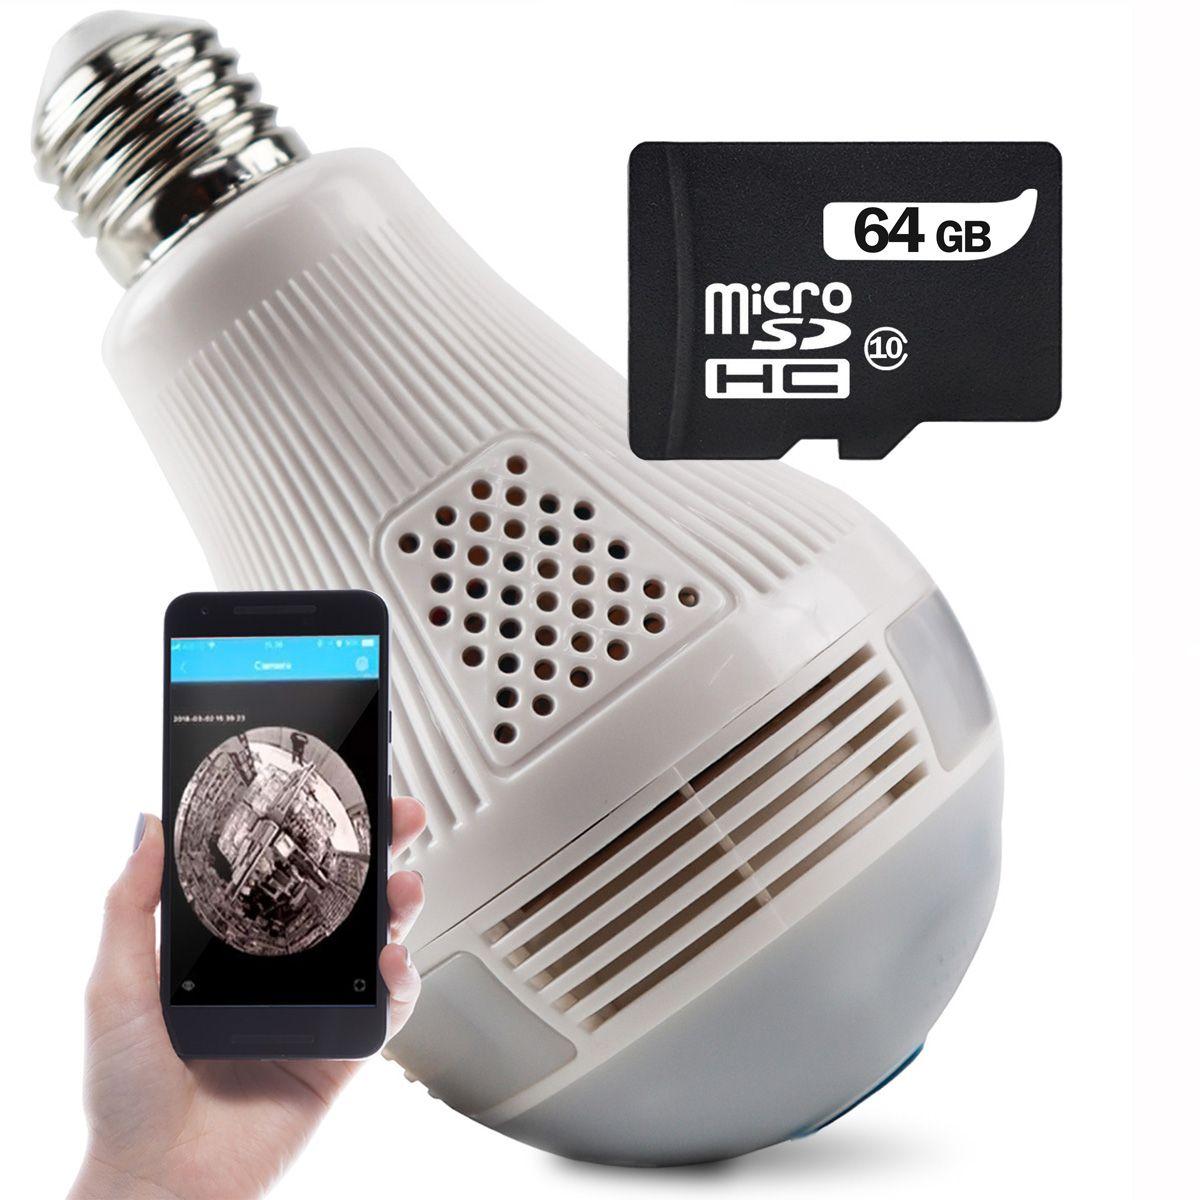 KIT Câmera IP Wi-fi Panorâmica Lâmpada Exbom IPCAM-L130 com Visão Noturna + Cartão Micro SD 64GB